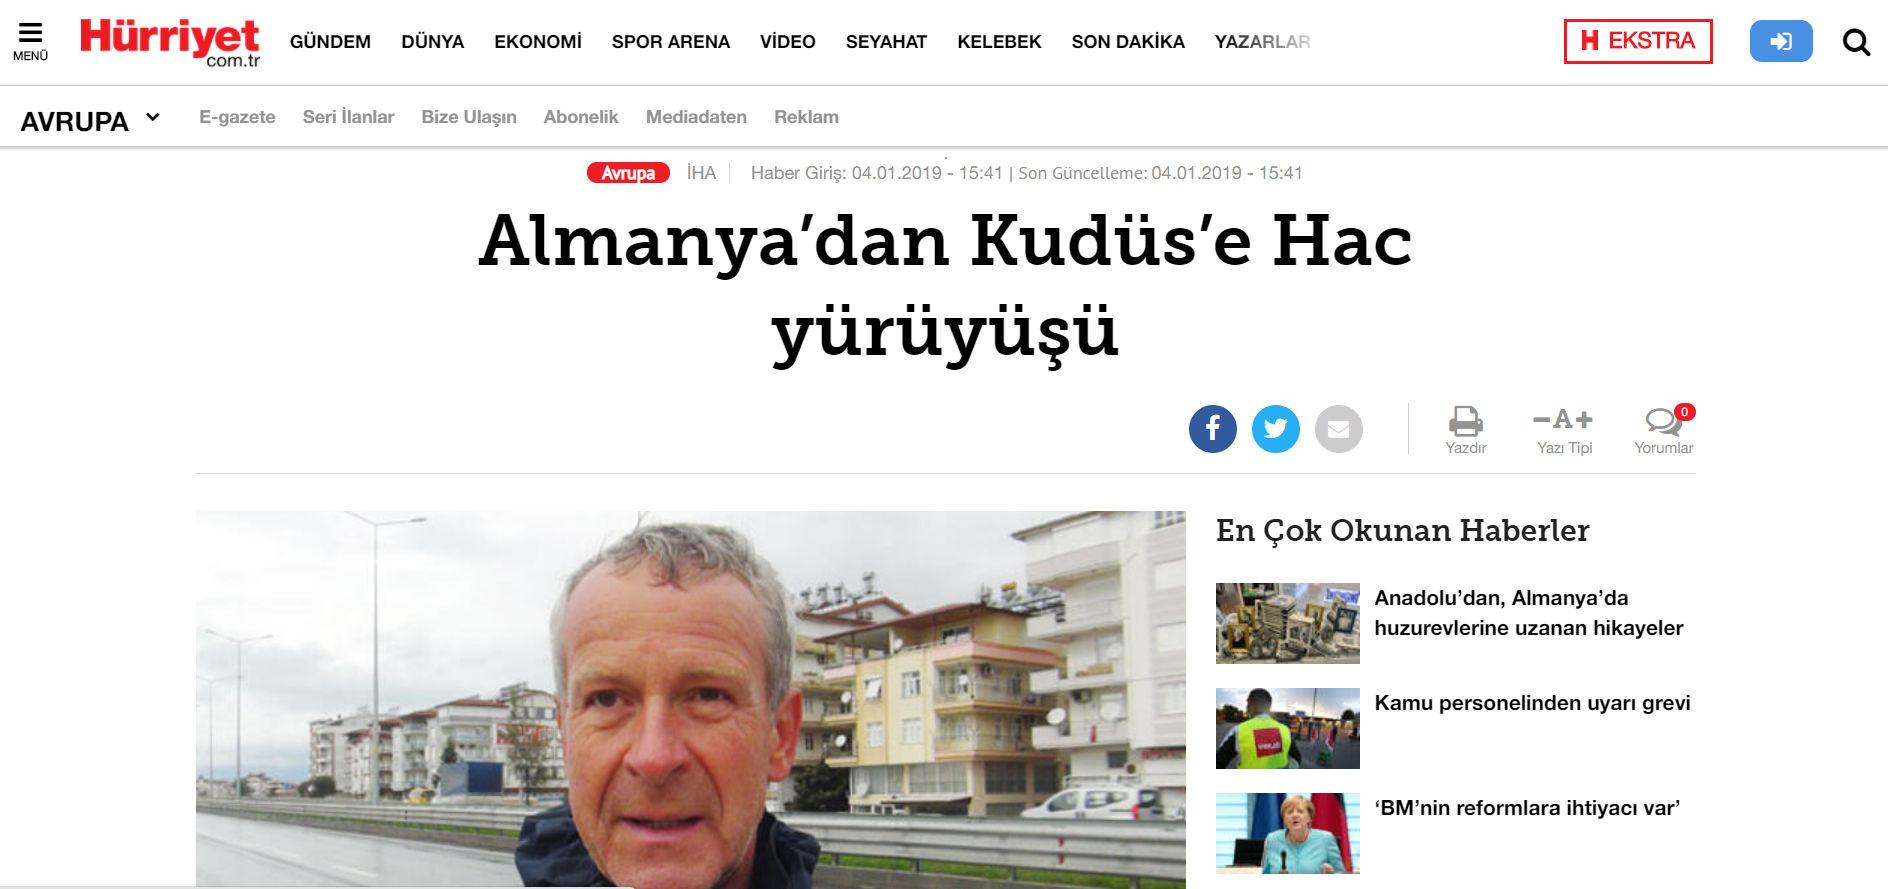 Stefan Spangenberg in der türkischen Zeitung Hürriyet